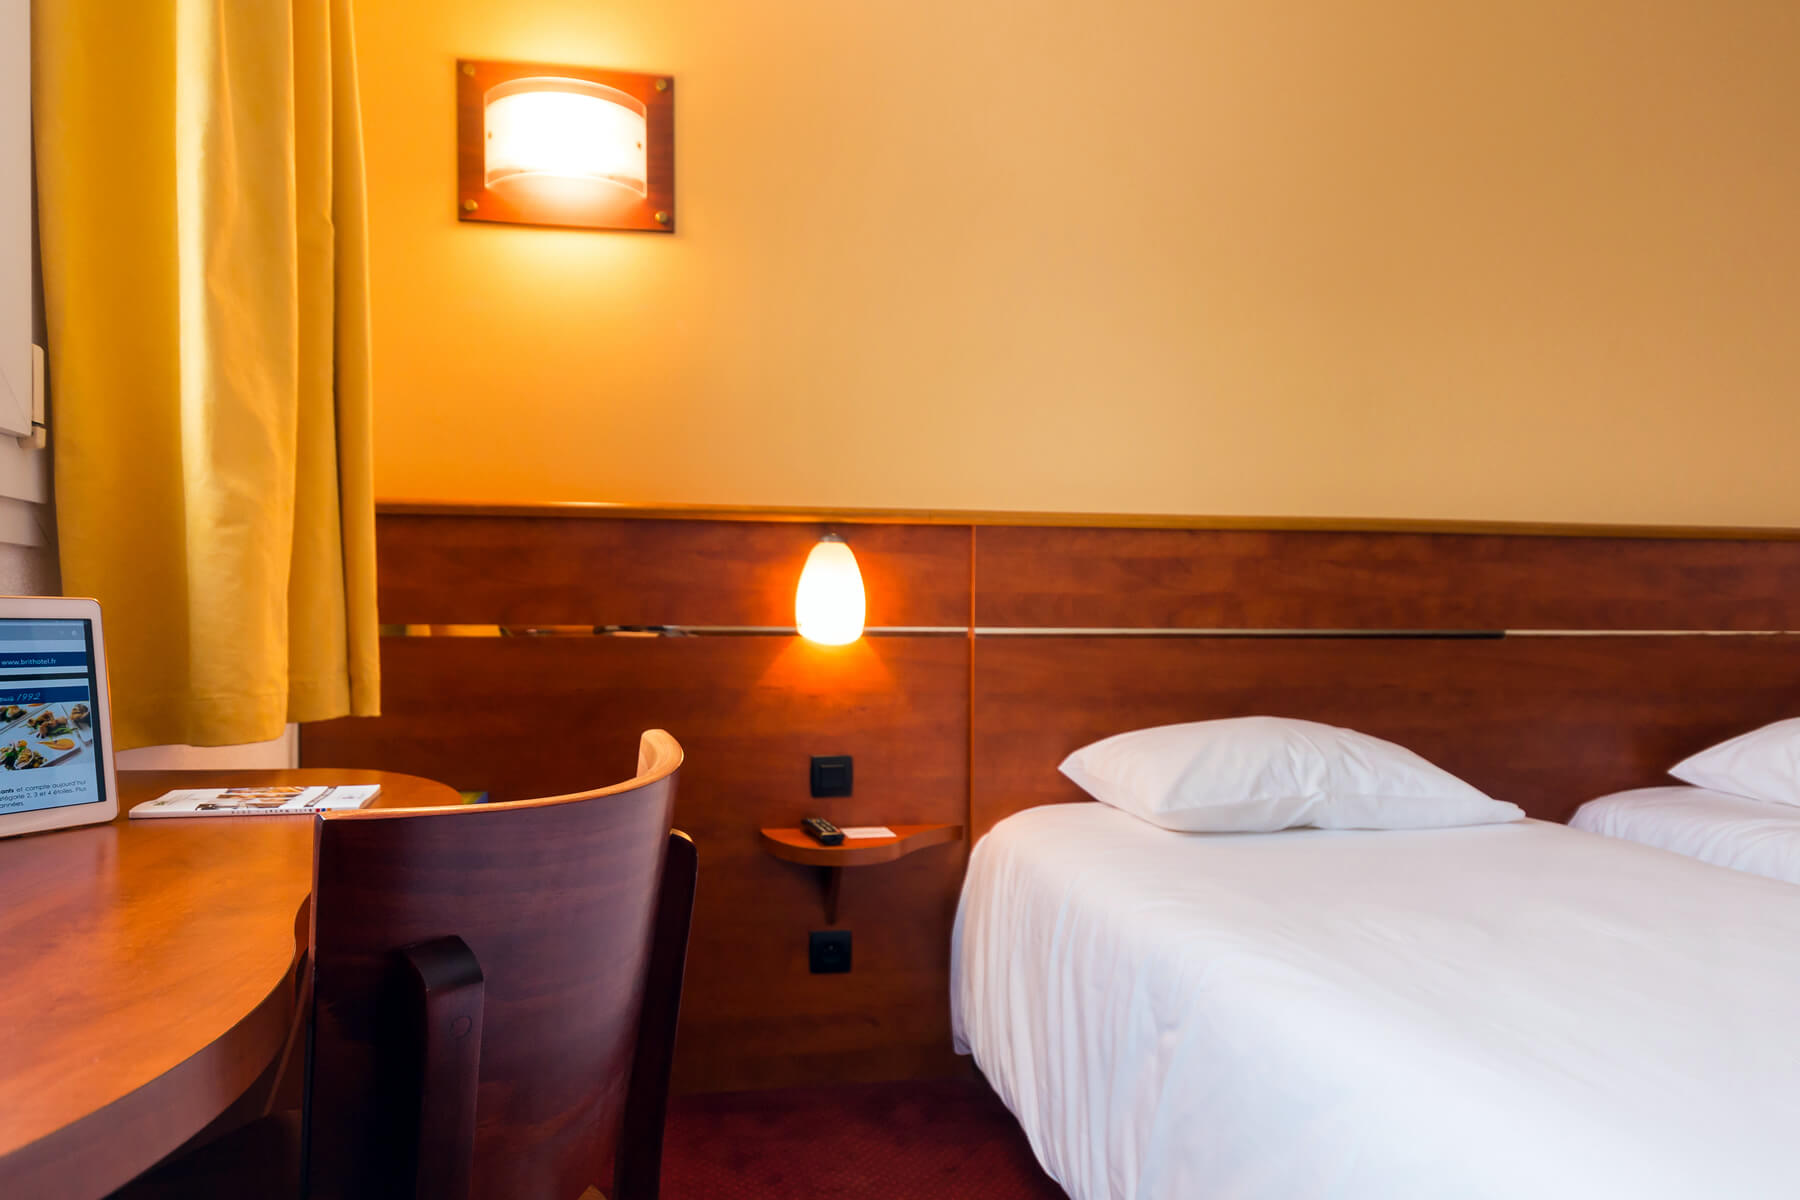 Des chambres d hôtel vouées à la détente ou au travail à cesson